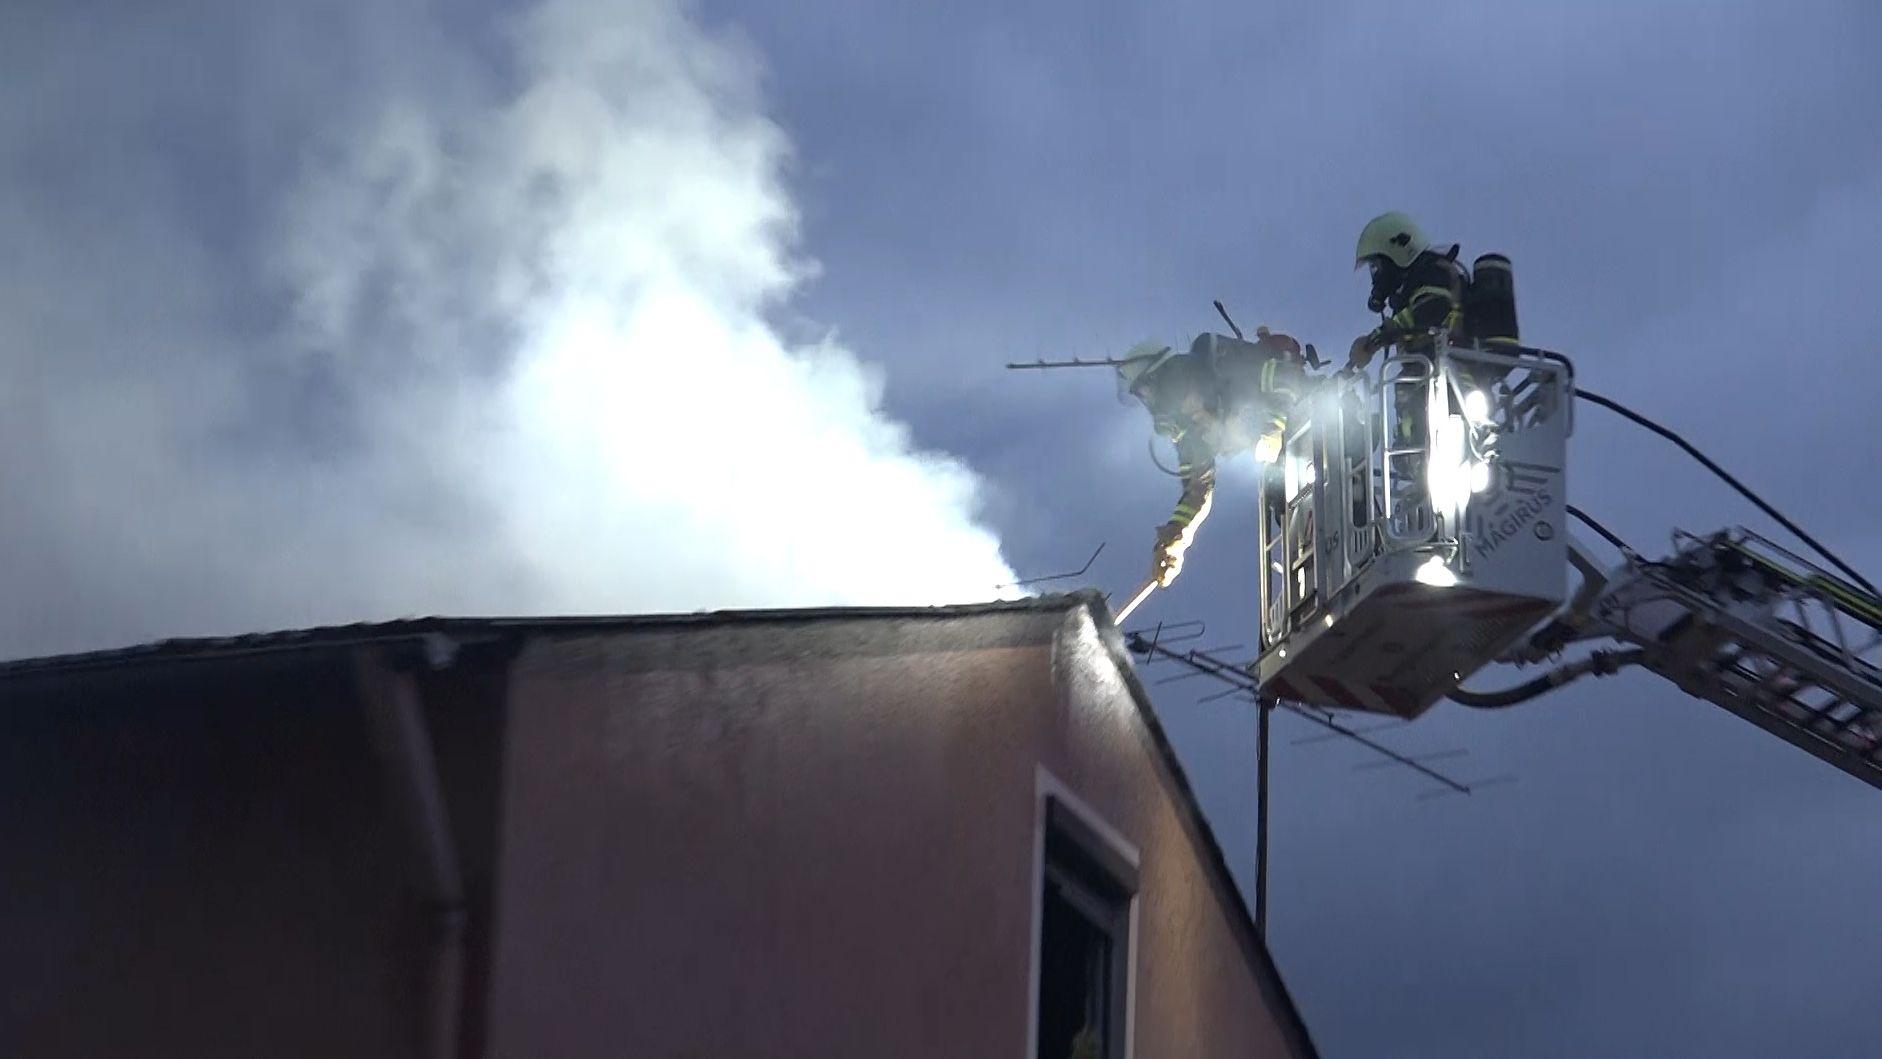 Einsatzkräfte auf einer Drehleiter am rauchenden Dach